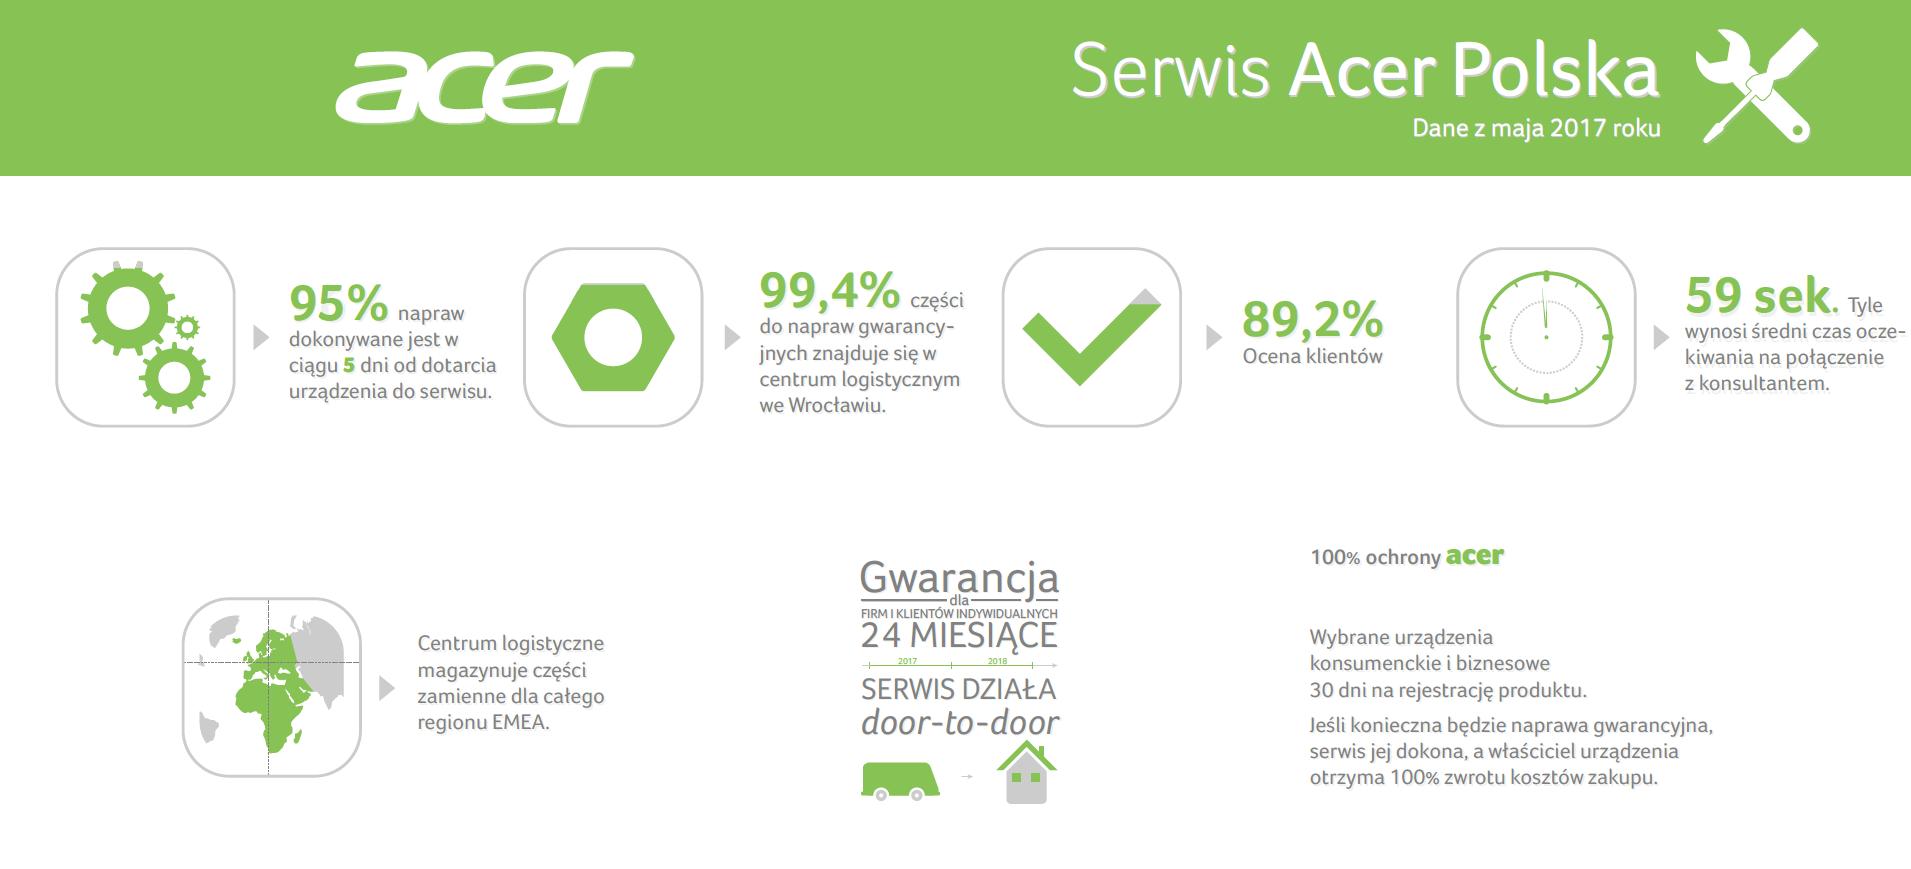 Acer utrzymuje wysoki poziom usług serwisowych